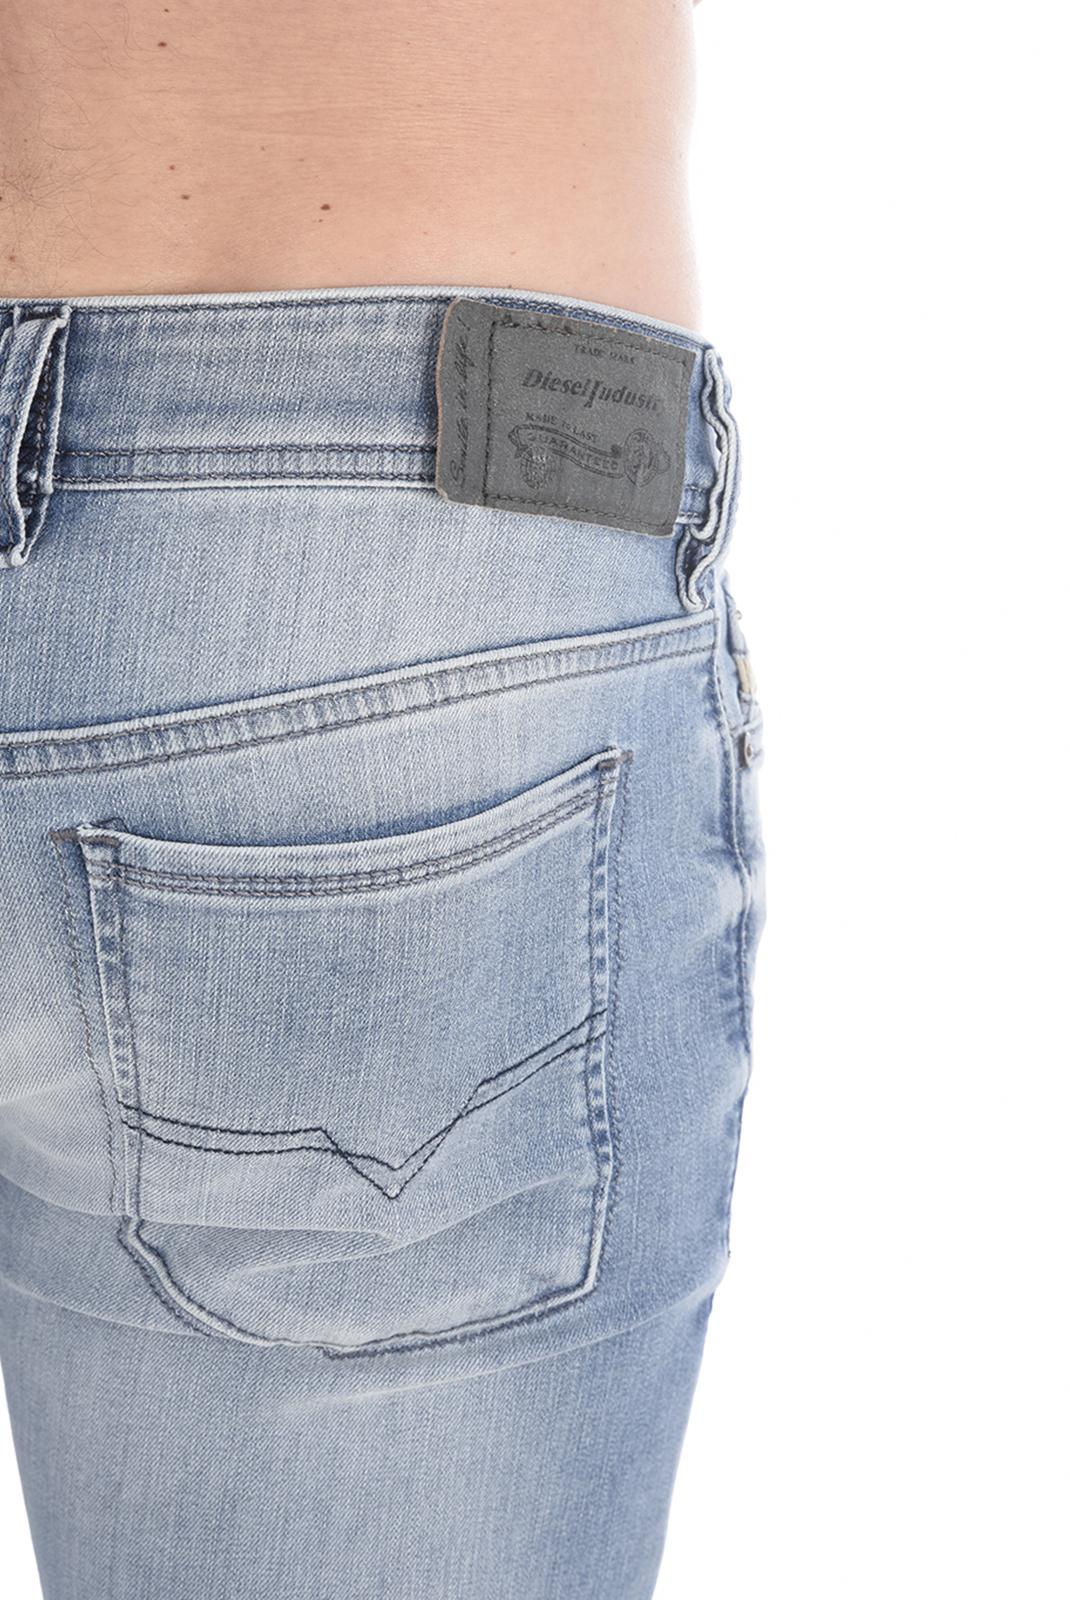 Jeans  Diesel SLEENKER 0673E BLEU